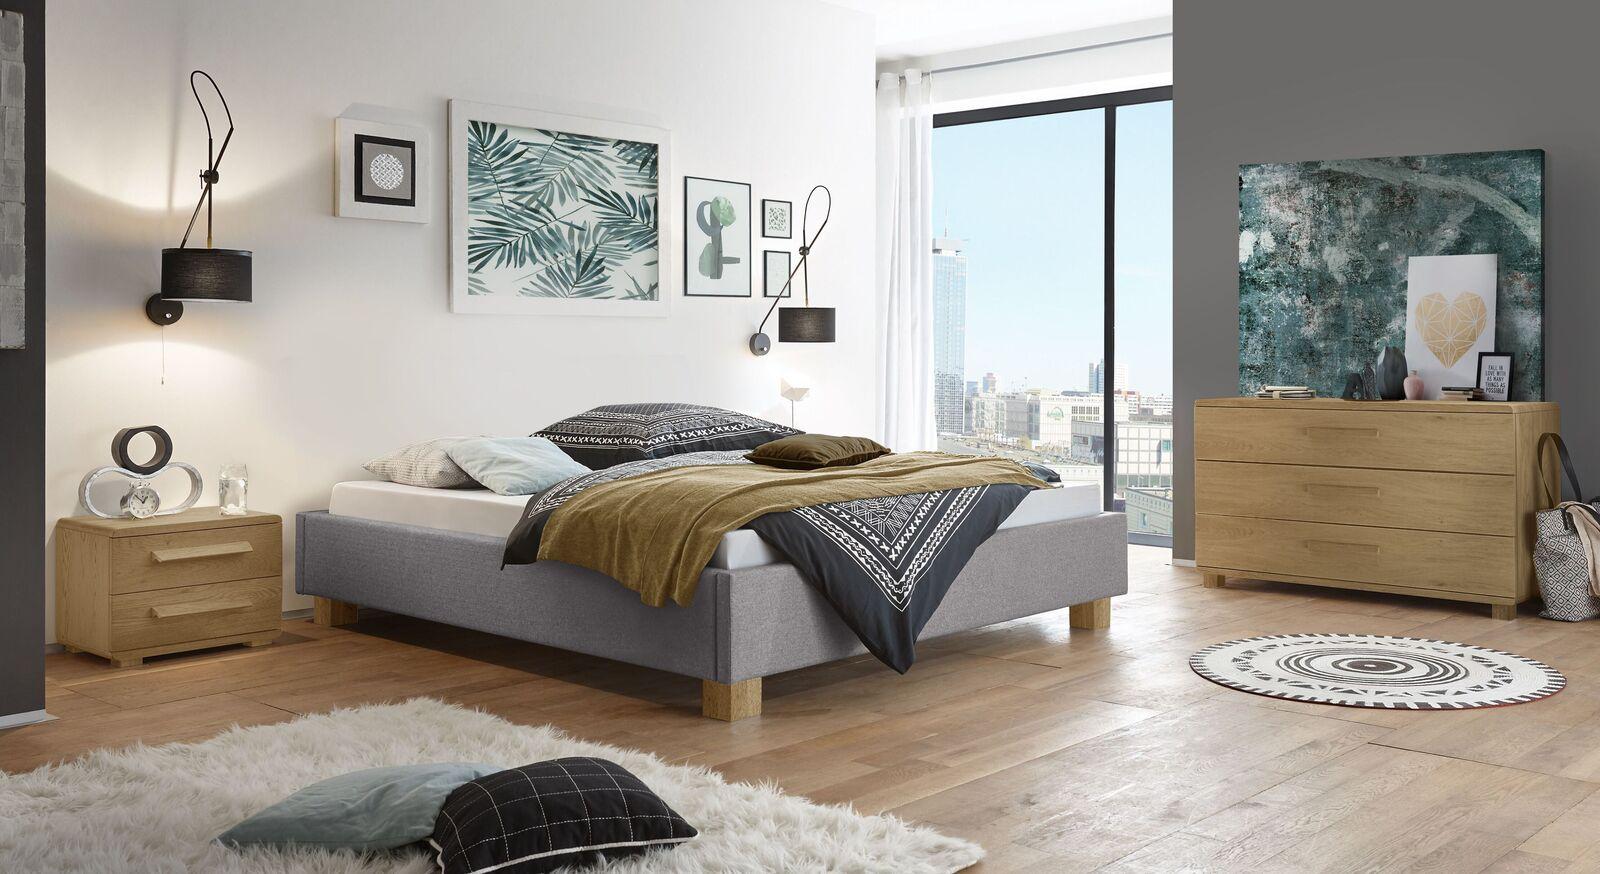 Liege Condeo mit passenden Schlafzimmermöbeln